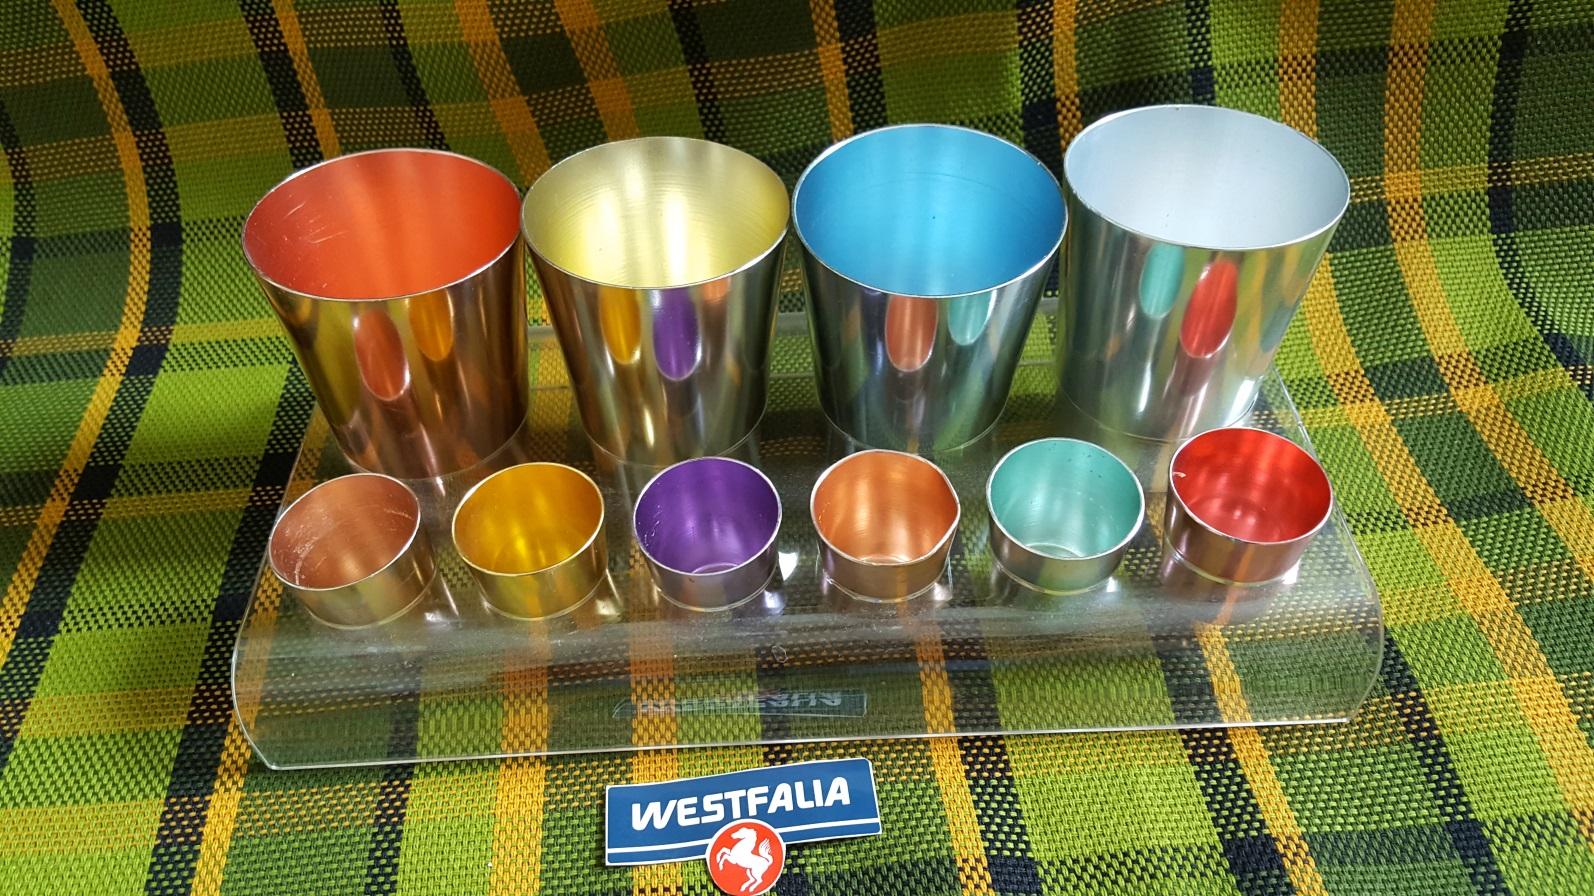 Emka Cups